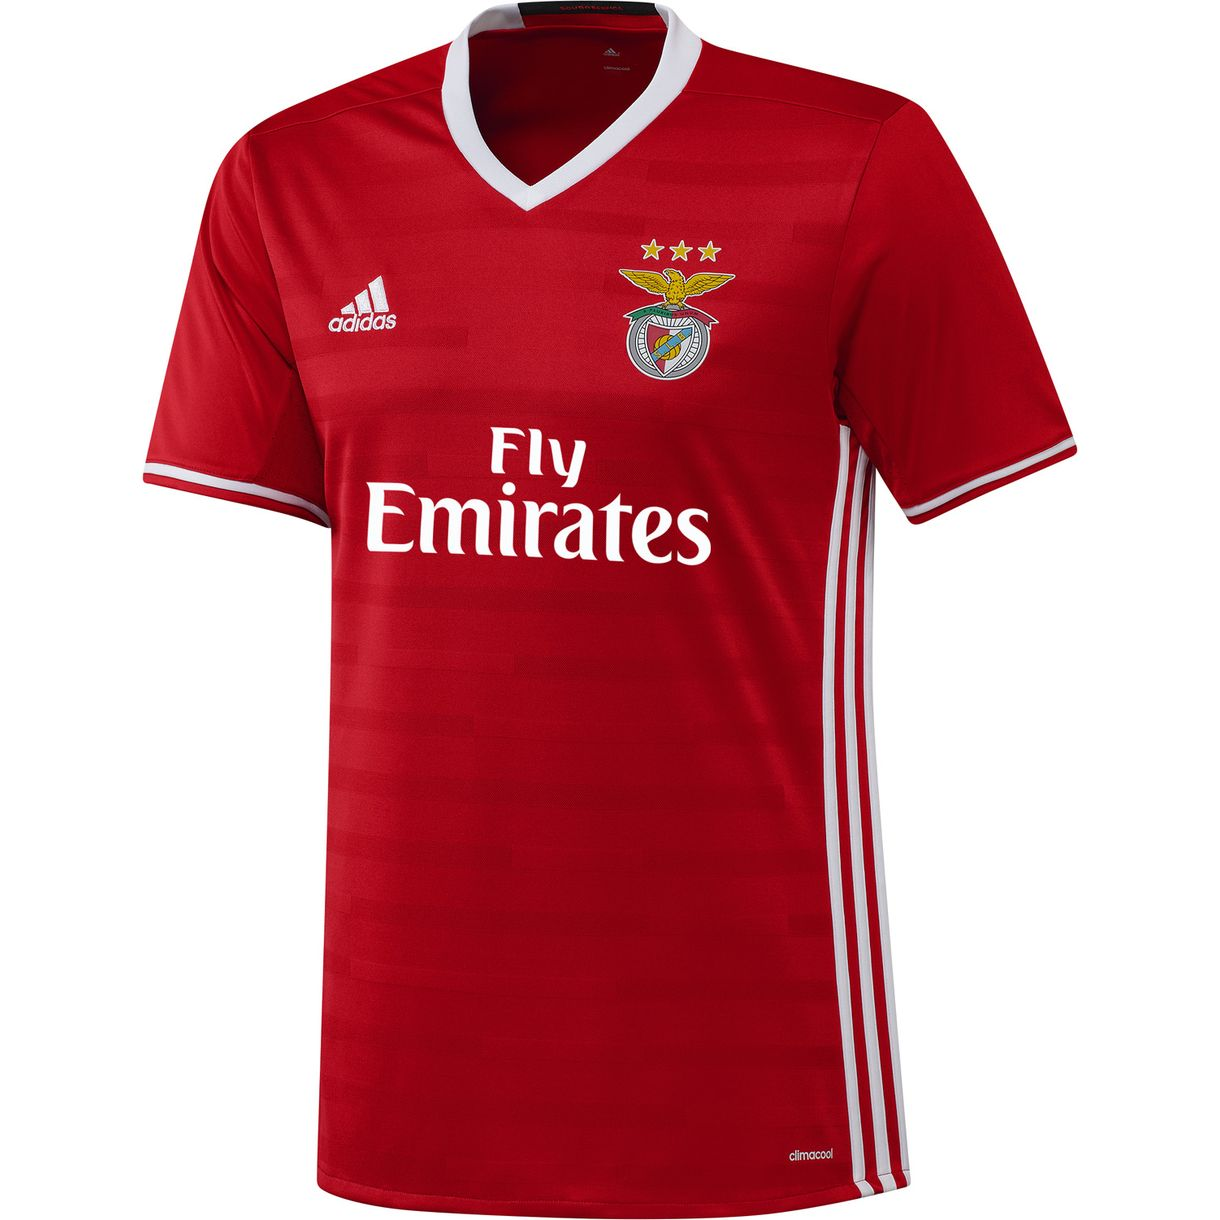 Football com category football kits image sl benfica 1st kit - Football Com Category Football Kits Image Sl Benfica 1st Kit 3